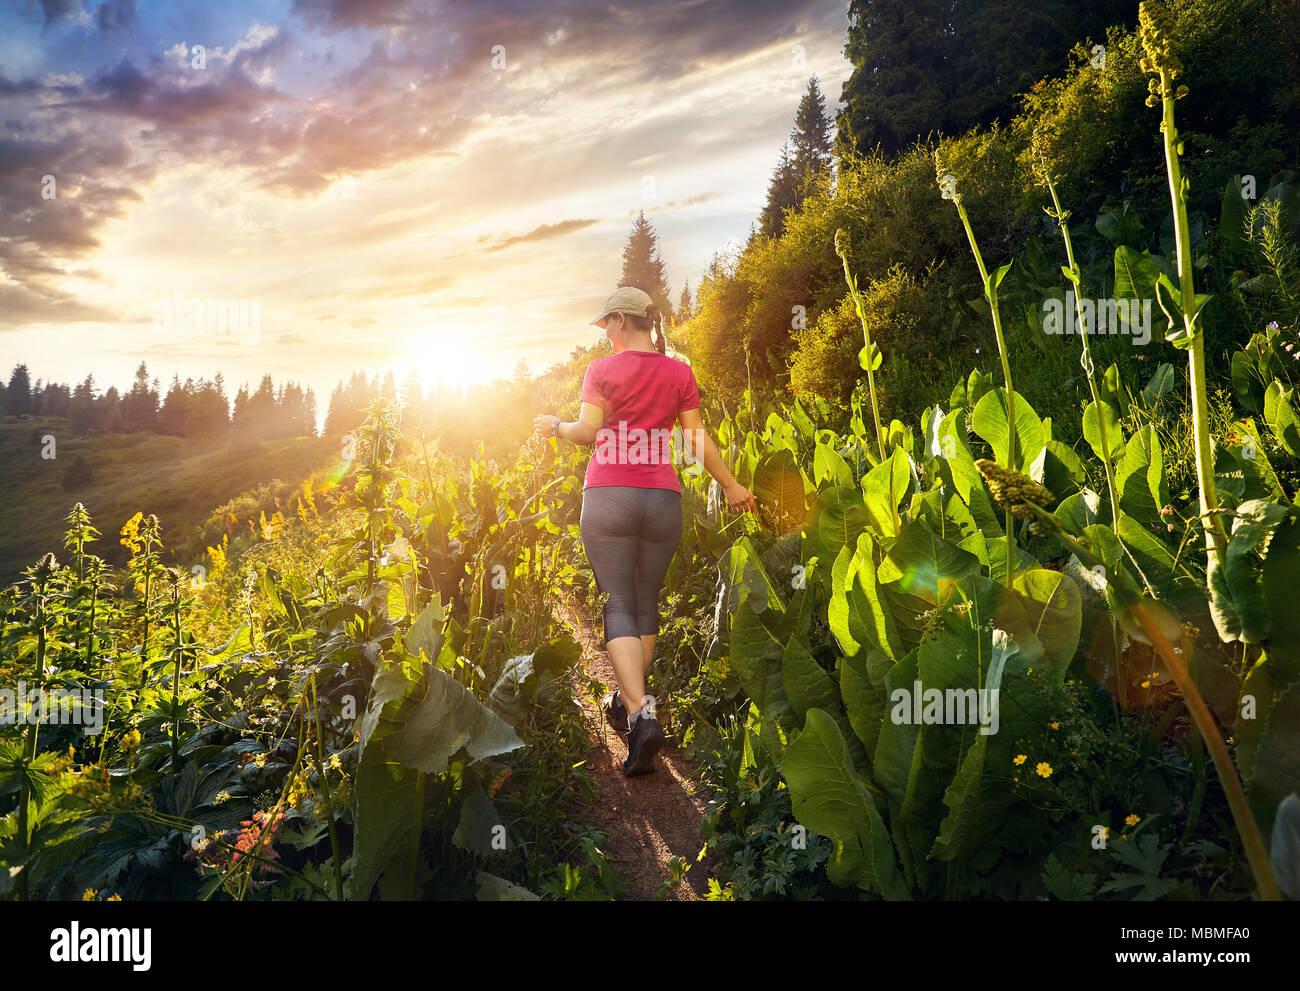 Schöne sportliche Mädchen in rosa Hemd zu Fuß in den Berg Trail bei bewölktem Himmel Sonnenuntergang Stockbild